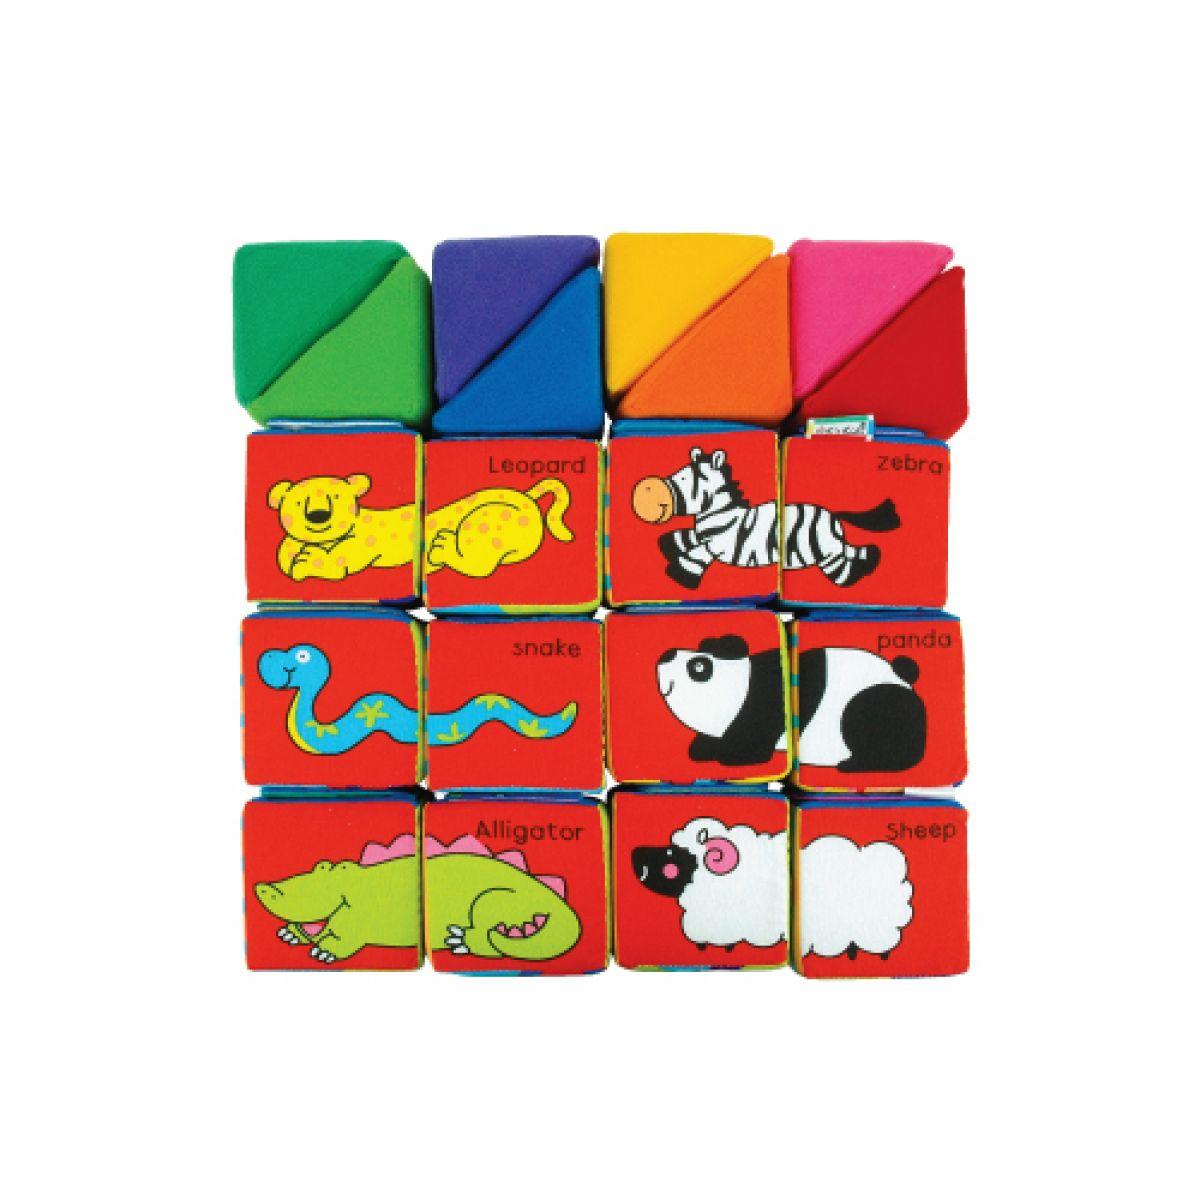 K's Kids Sada veselých látkových kostek a trojúhelníků #5